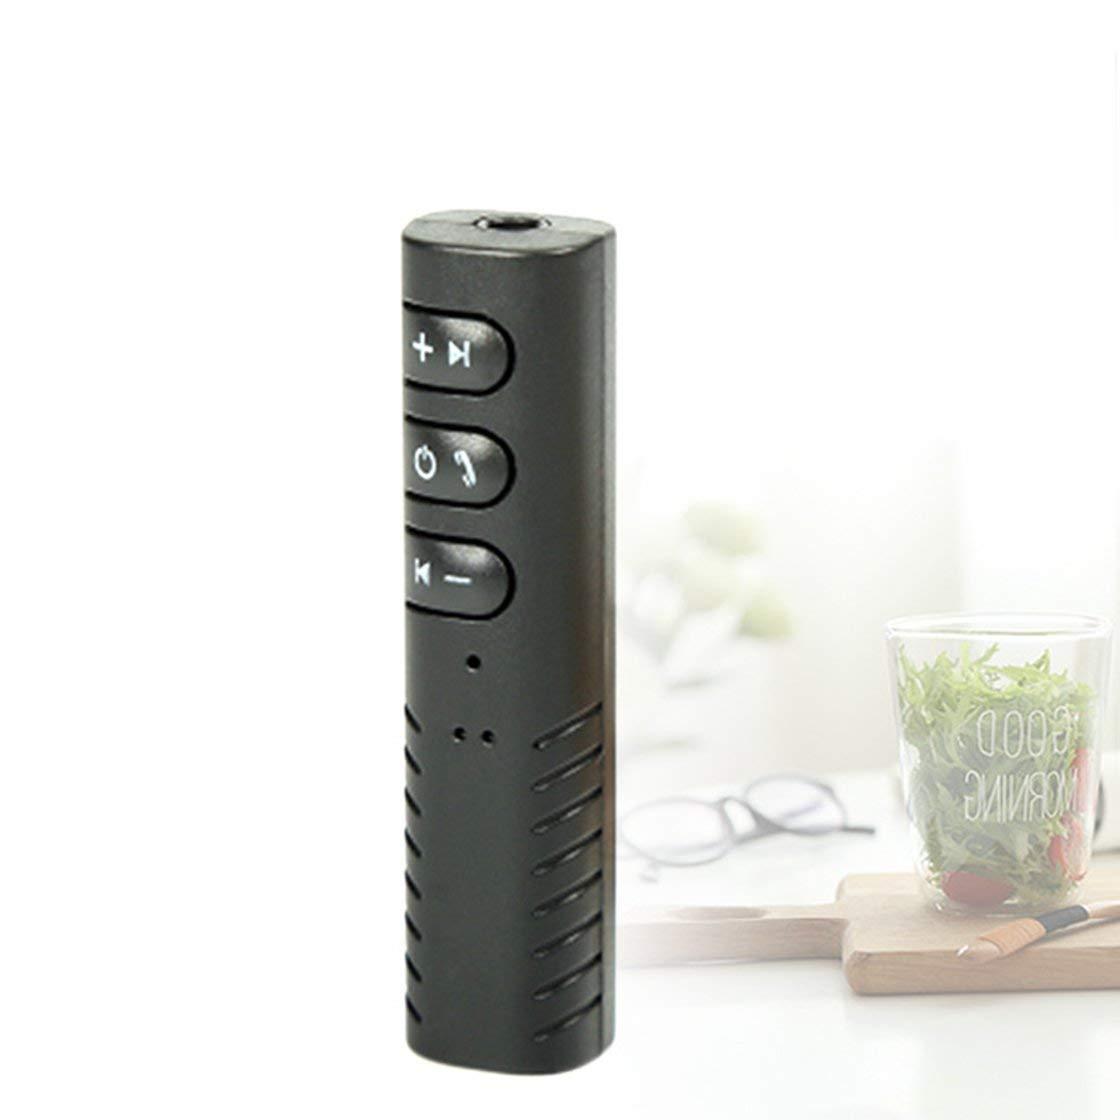 Laurelmartina Mini Wireless Bluetooth 4.1 Receptor de Manos Libres 3.5mm Adaptador de Audio automá tico con micró fono para Coche esté reo telé fono MP3